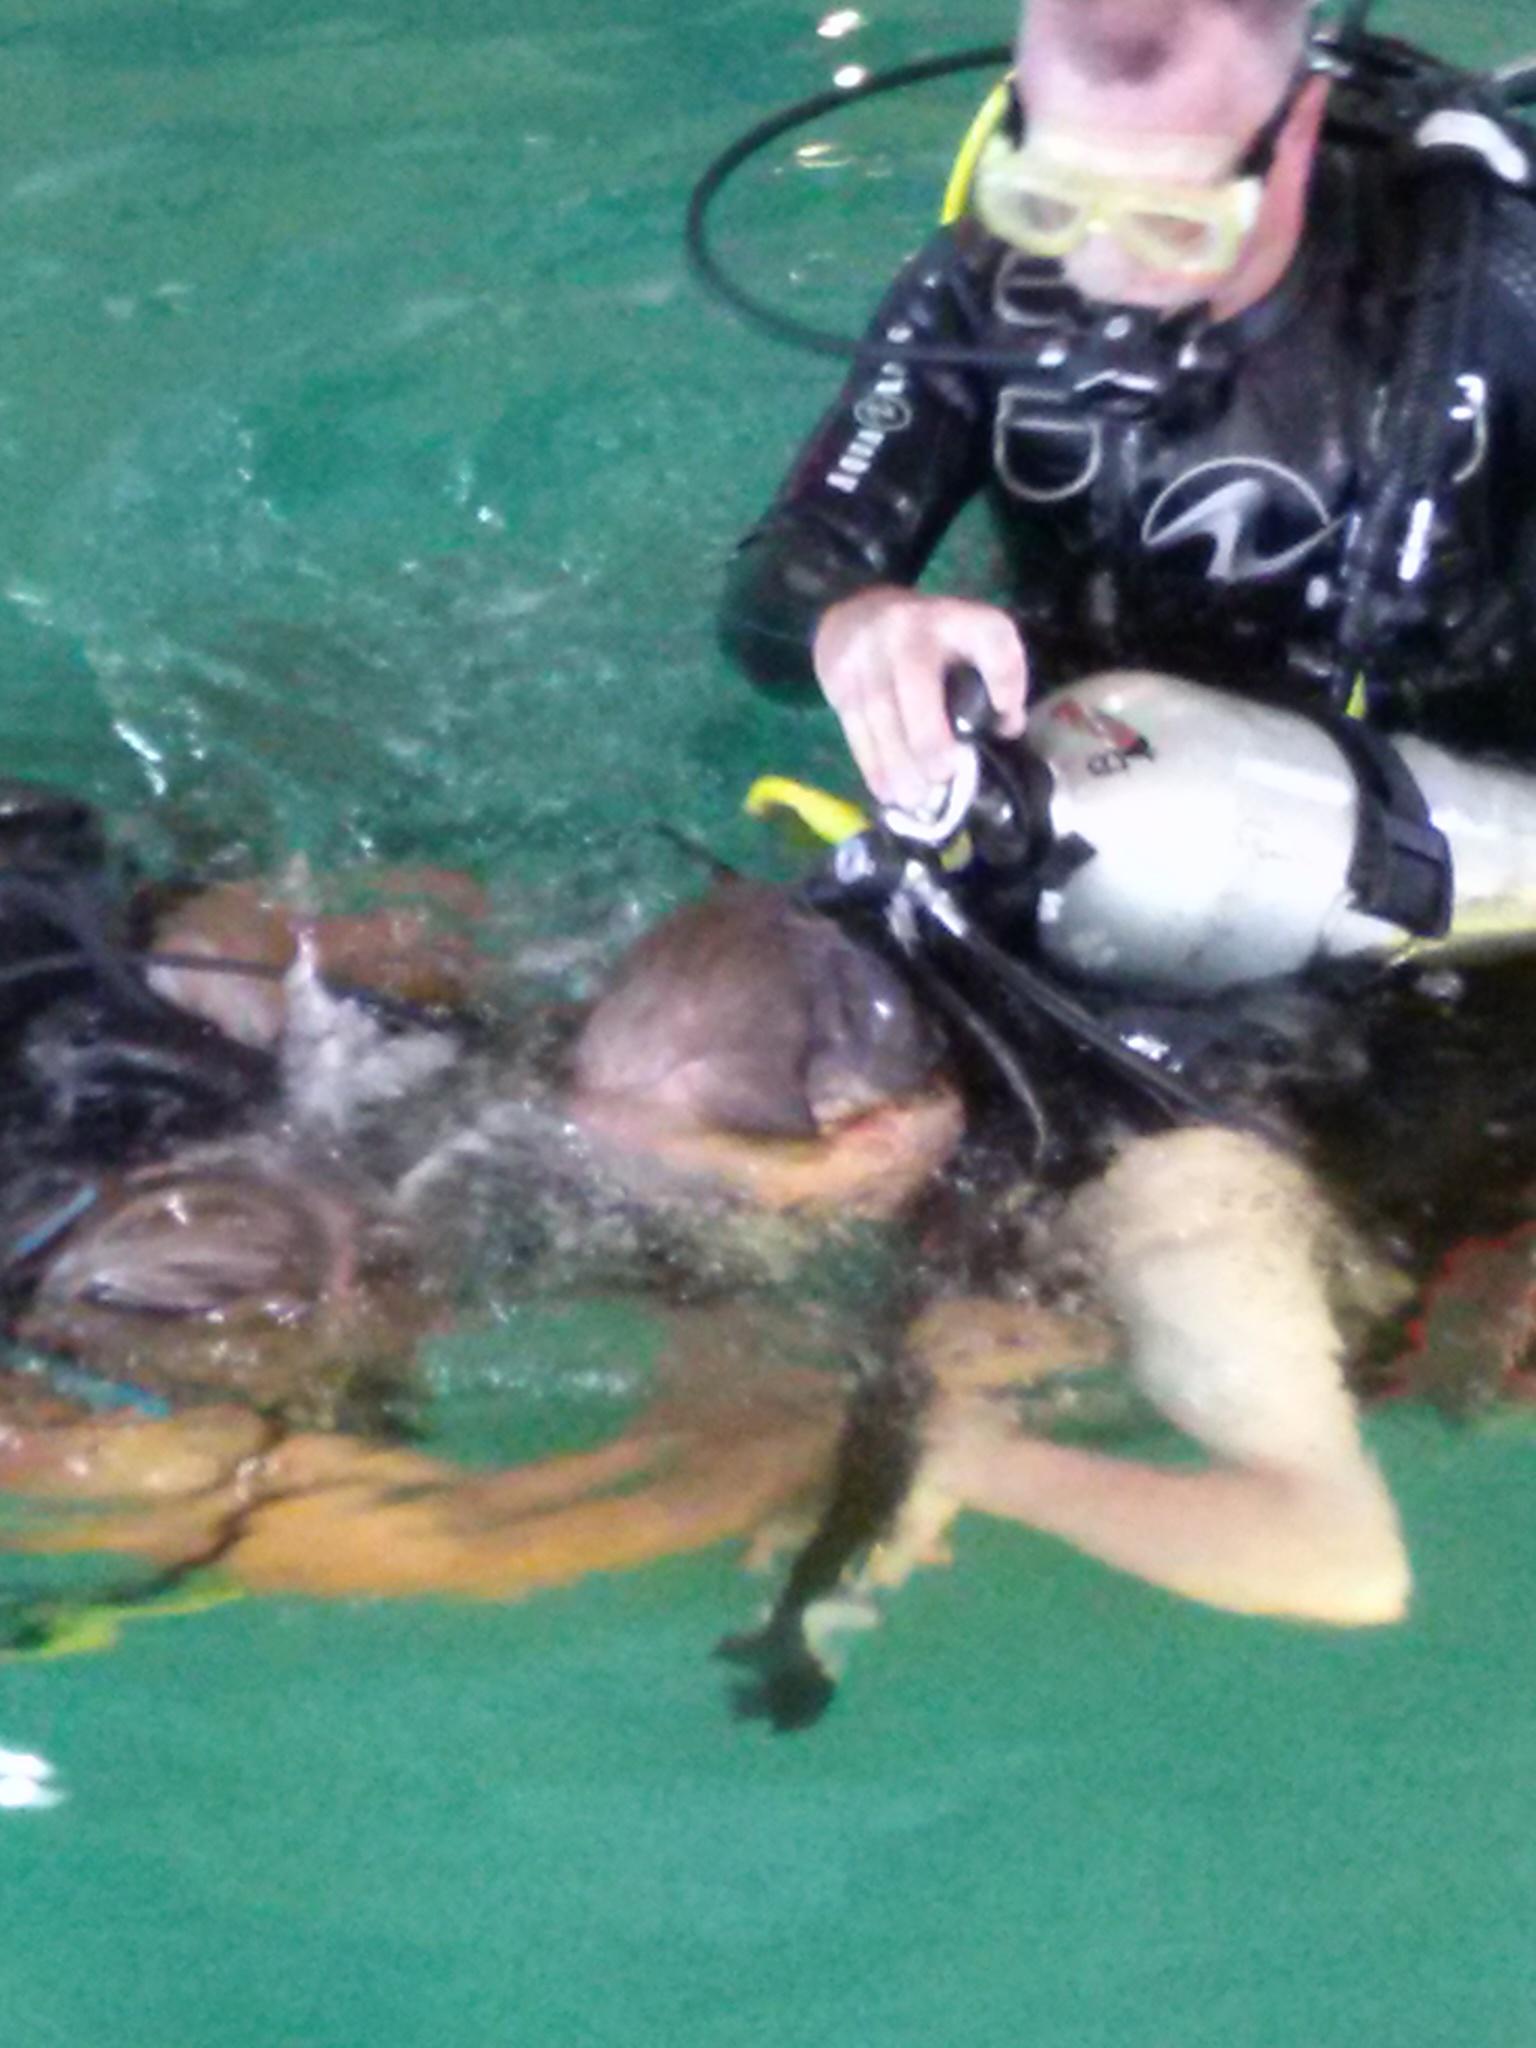 PHOTO: Matthew Going scuba diving.